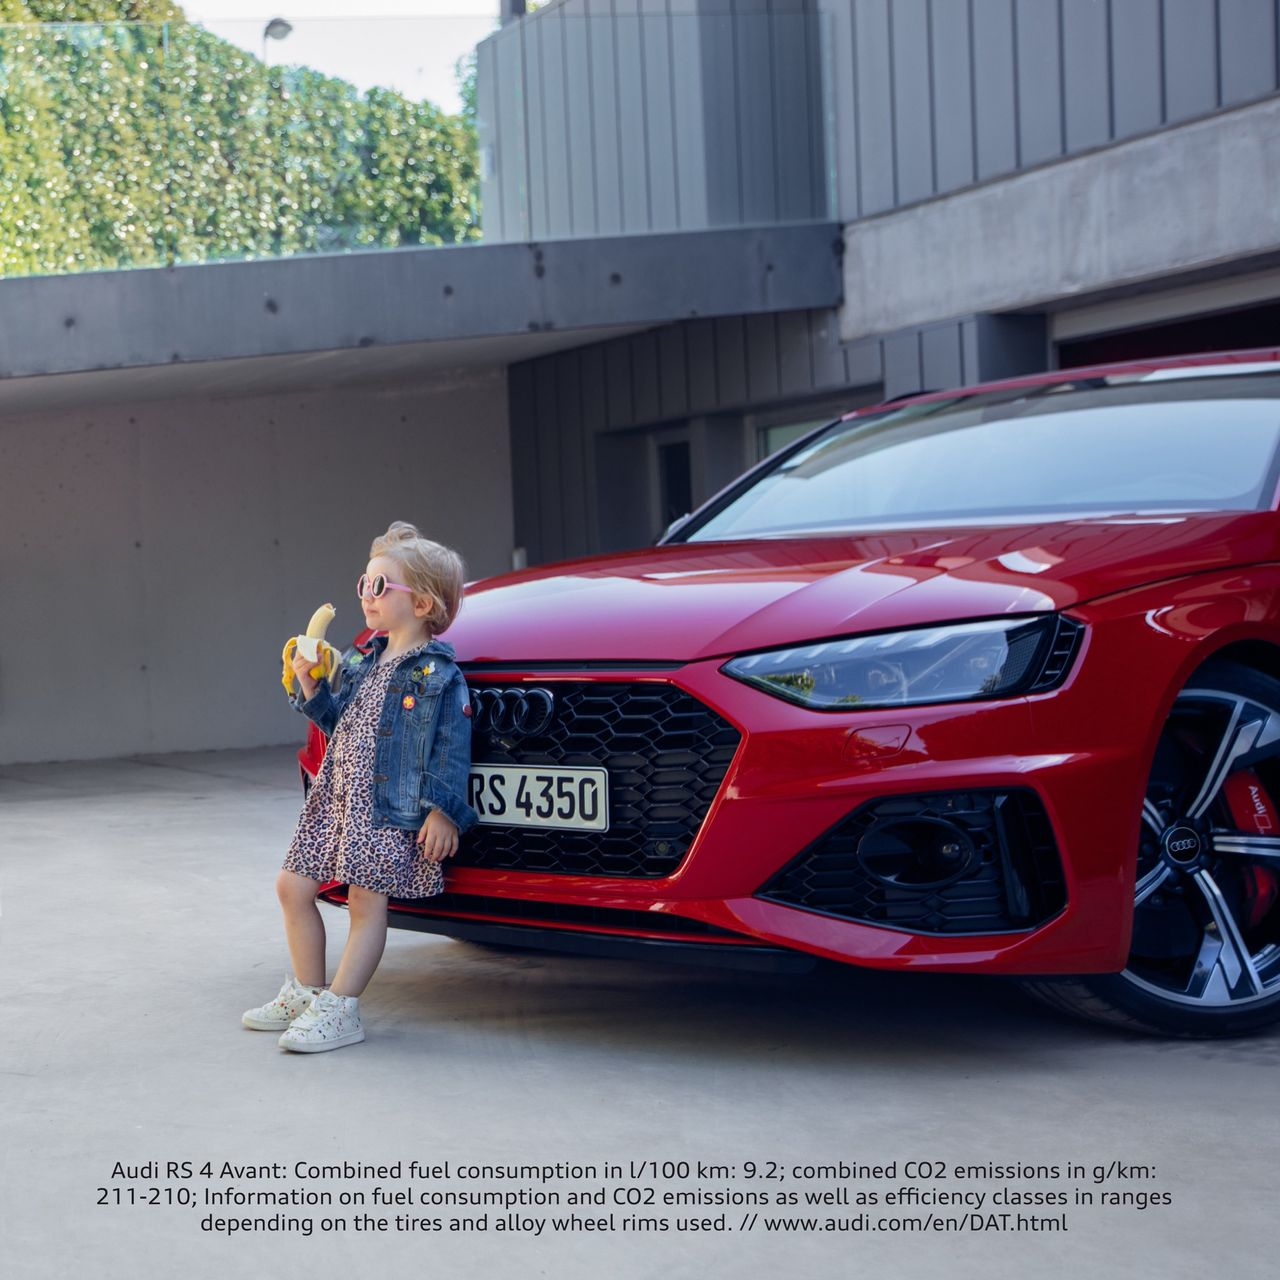 Audi-reklam anklagad för att vara sexuellt provocerande